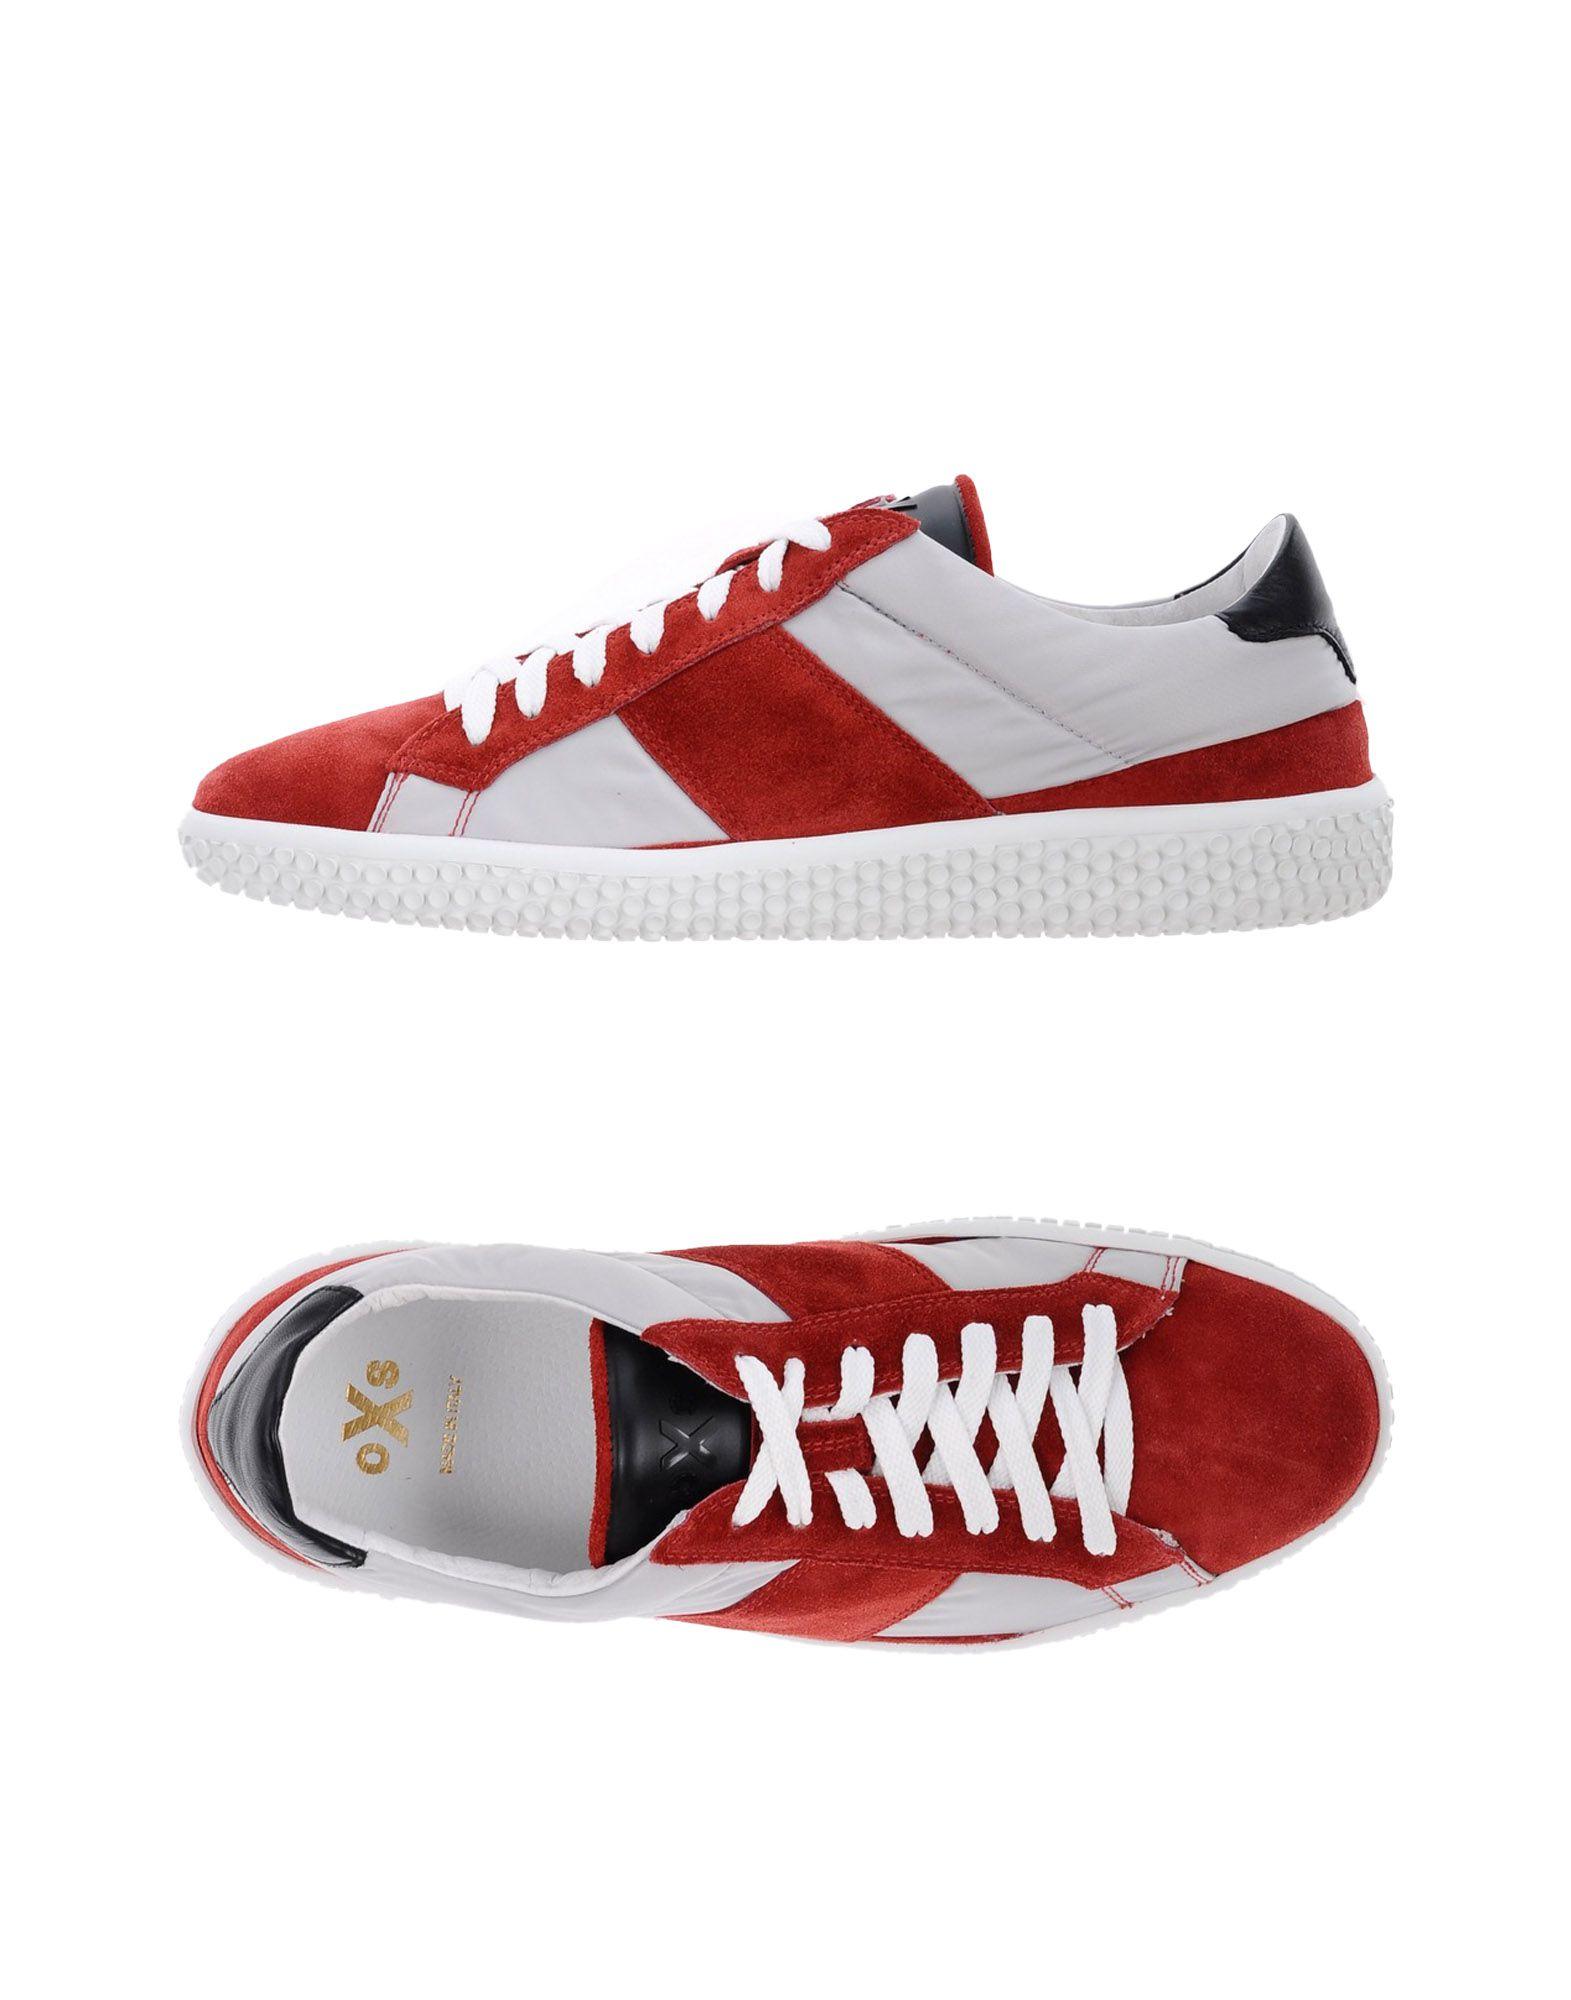 Rabatt echte Schuhe O.X.S. Sneakers Herren  11354921KI